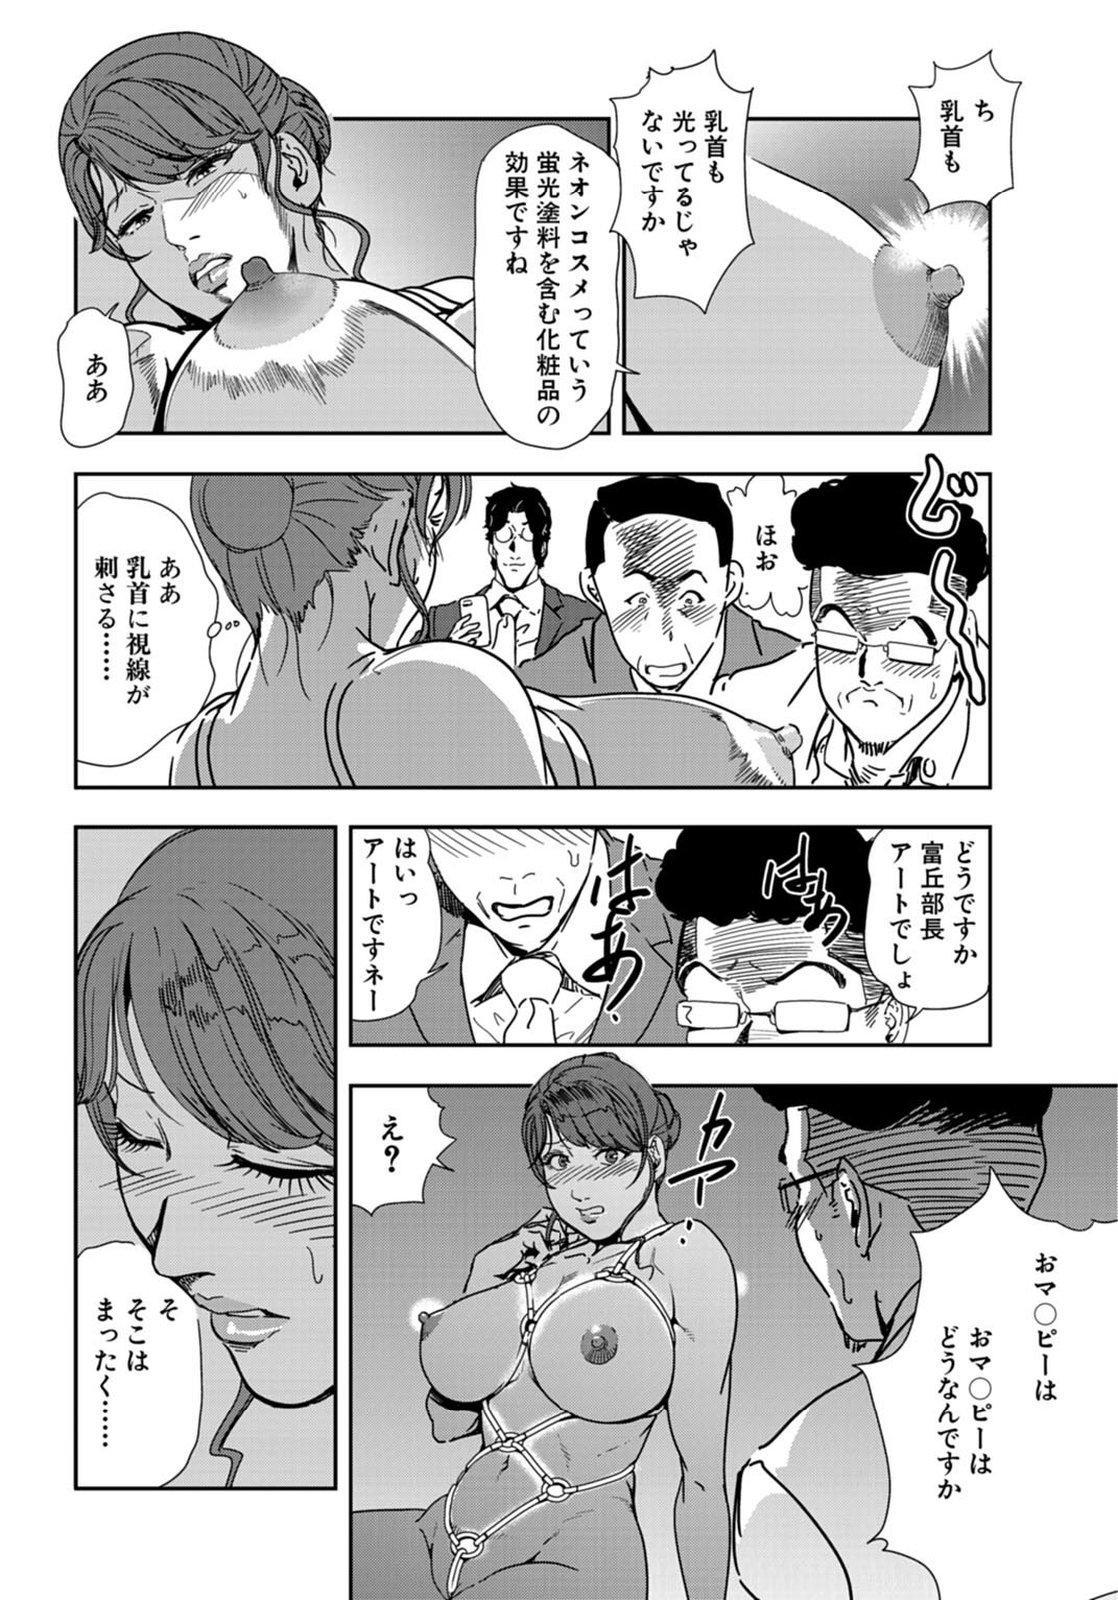 Nikuhisyo Yukiko 21 11